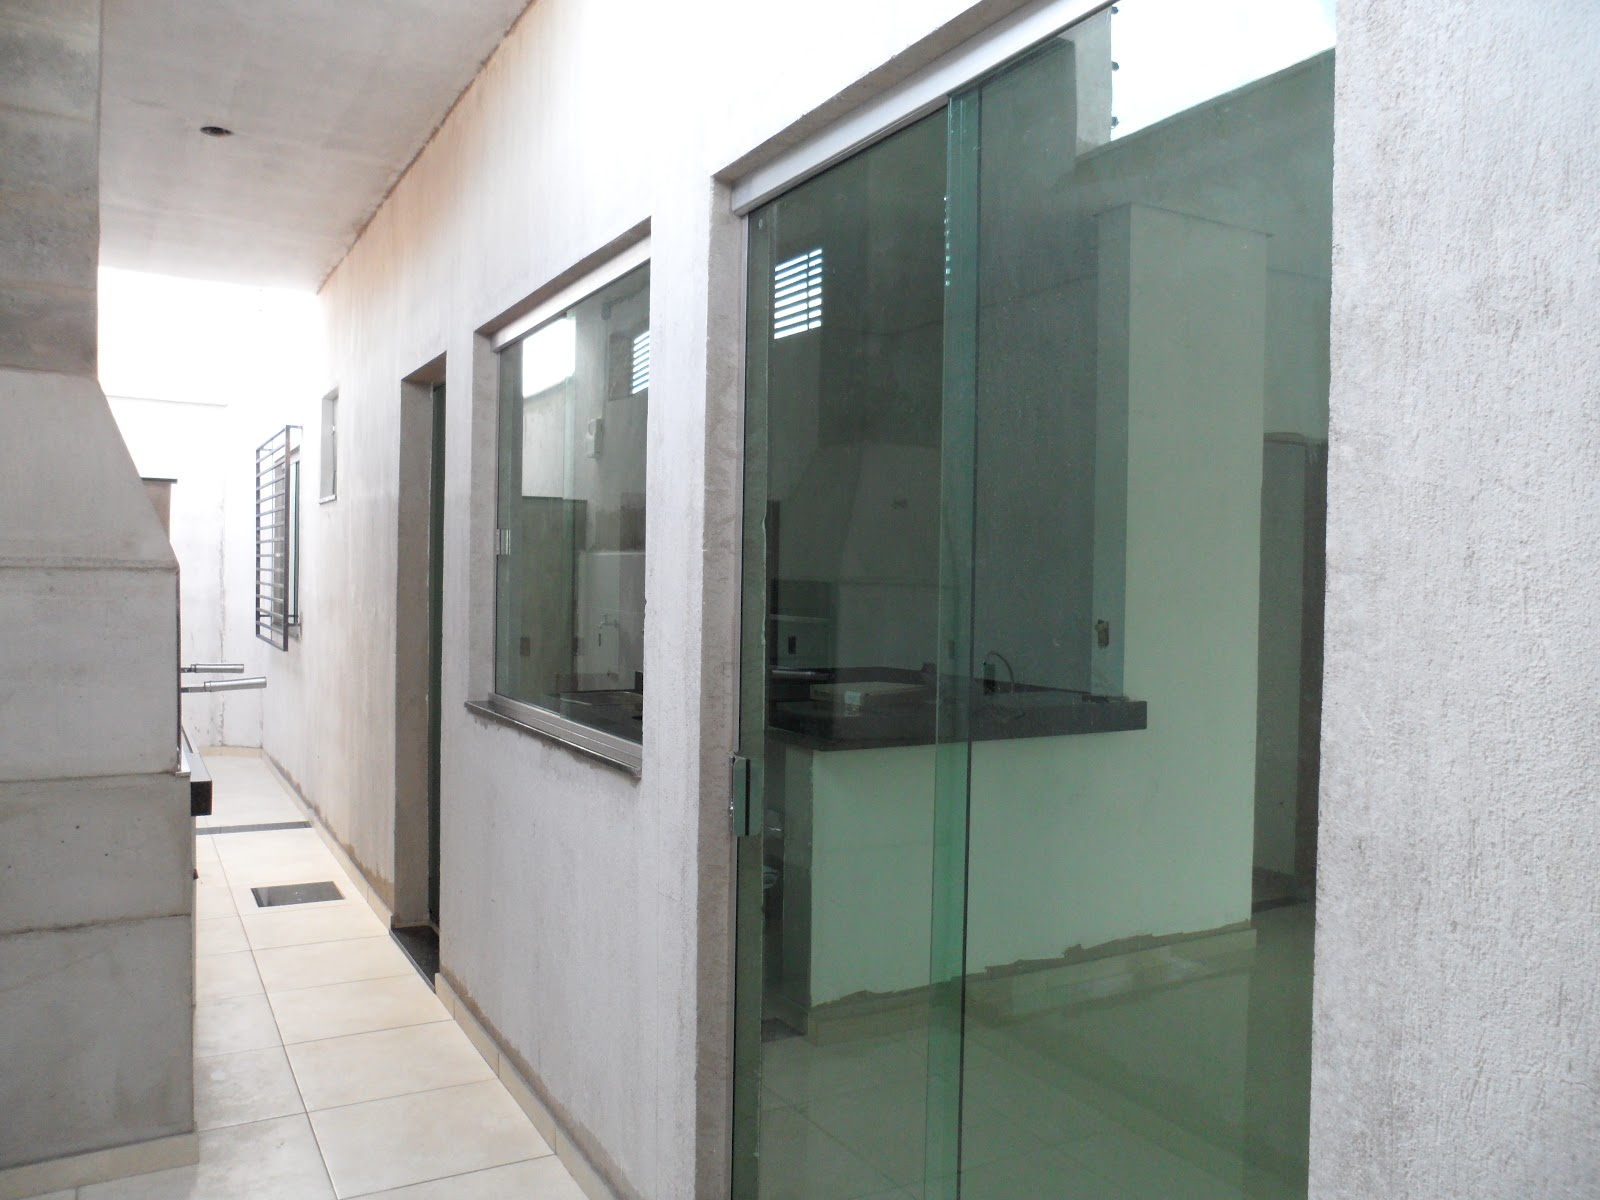 DIÁRIO DE CONSTRUÇÃO DE UMA CASA PEQUENA: REVISÃO DA SEMANA  #756256 1600x1200 Banheiro Com Blindex Preto